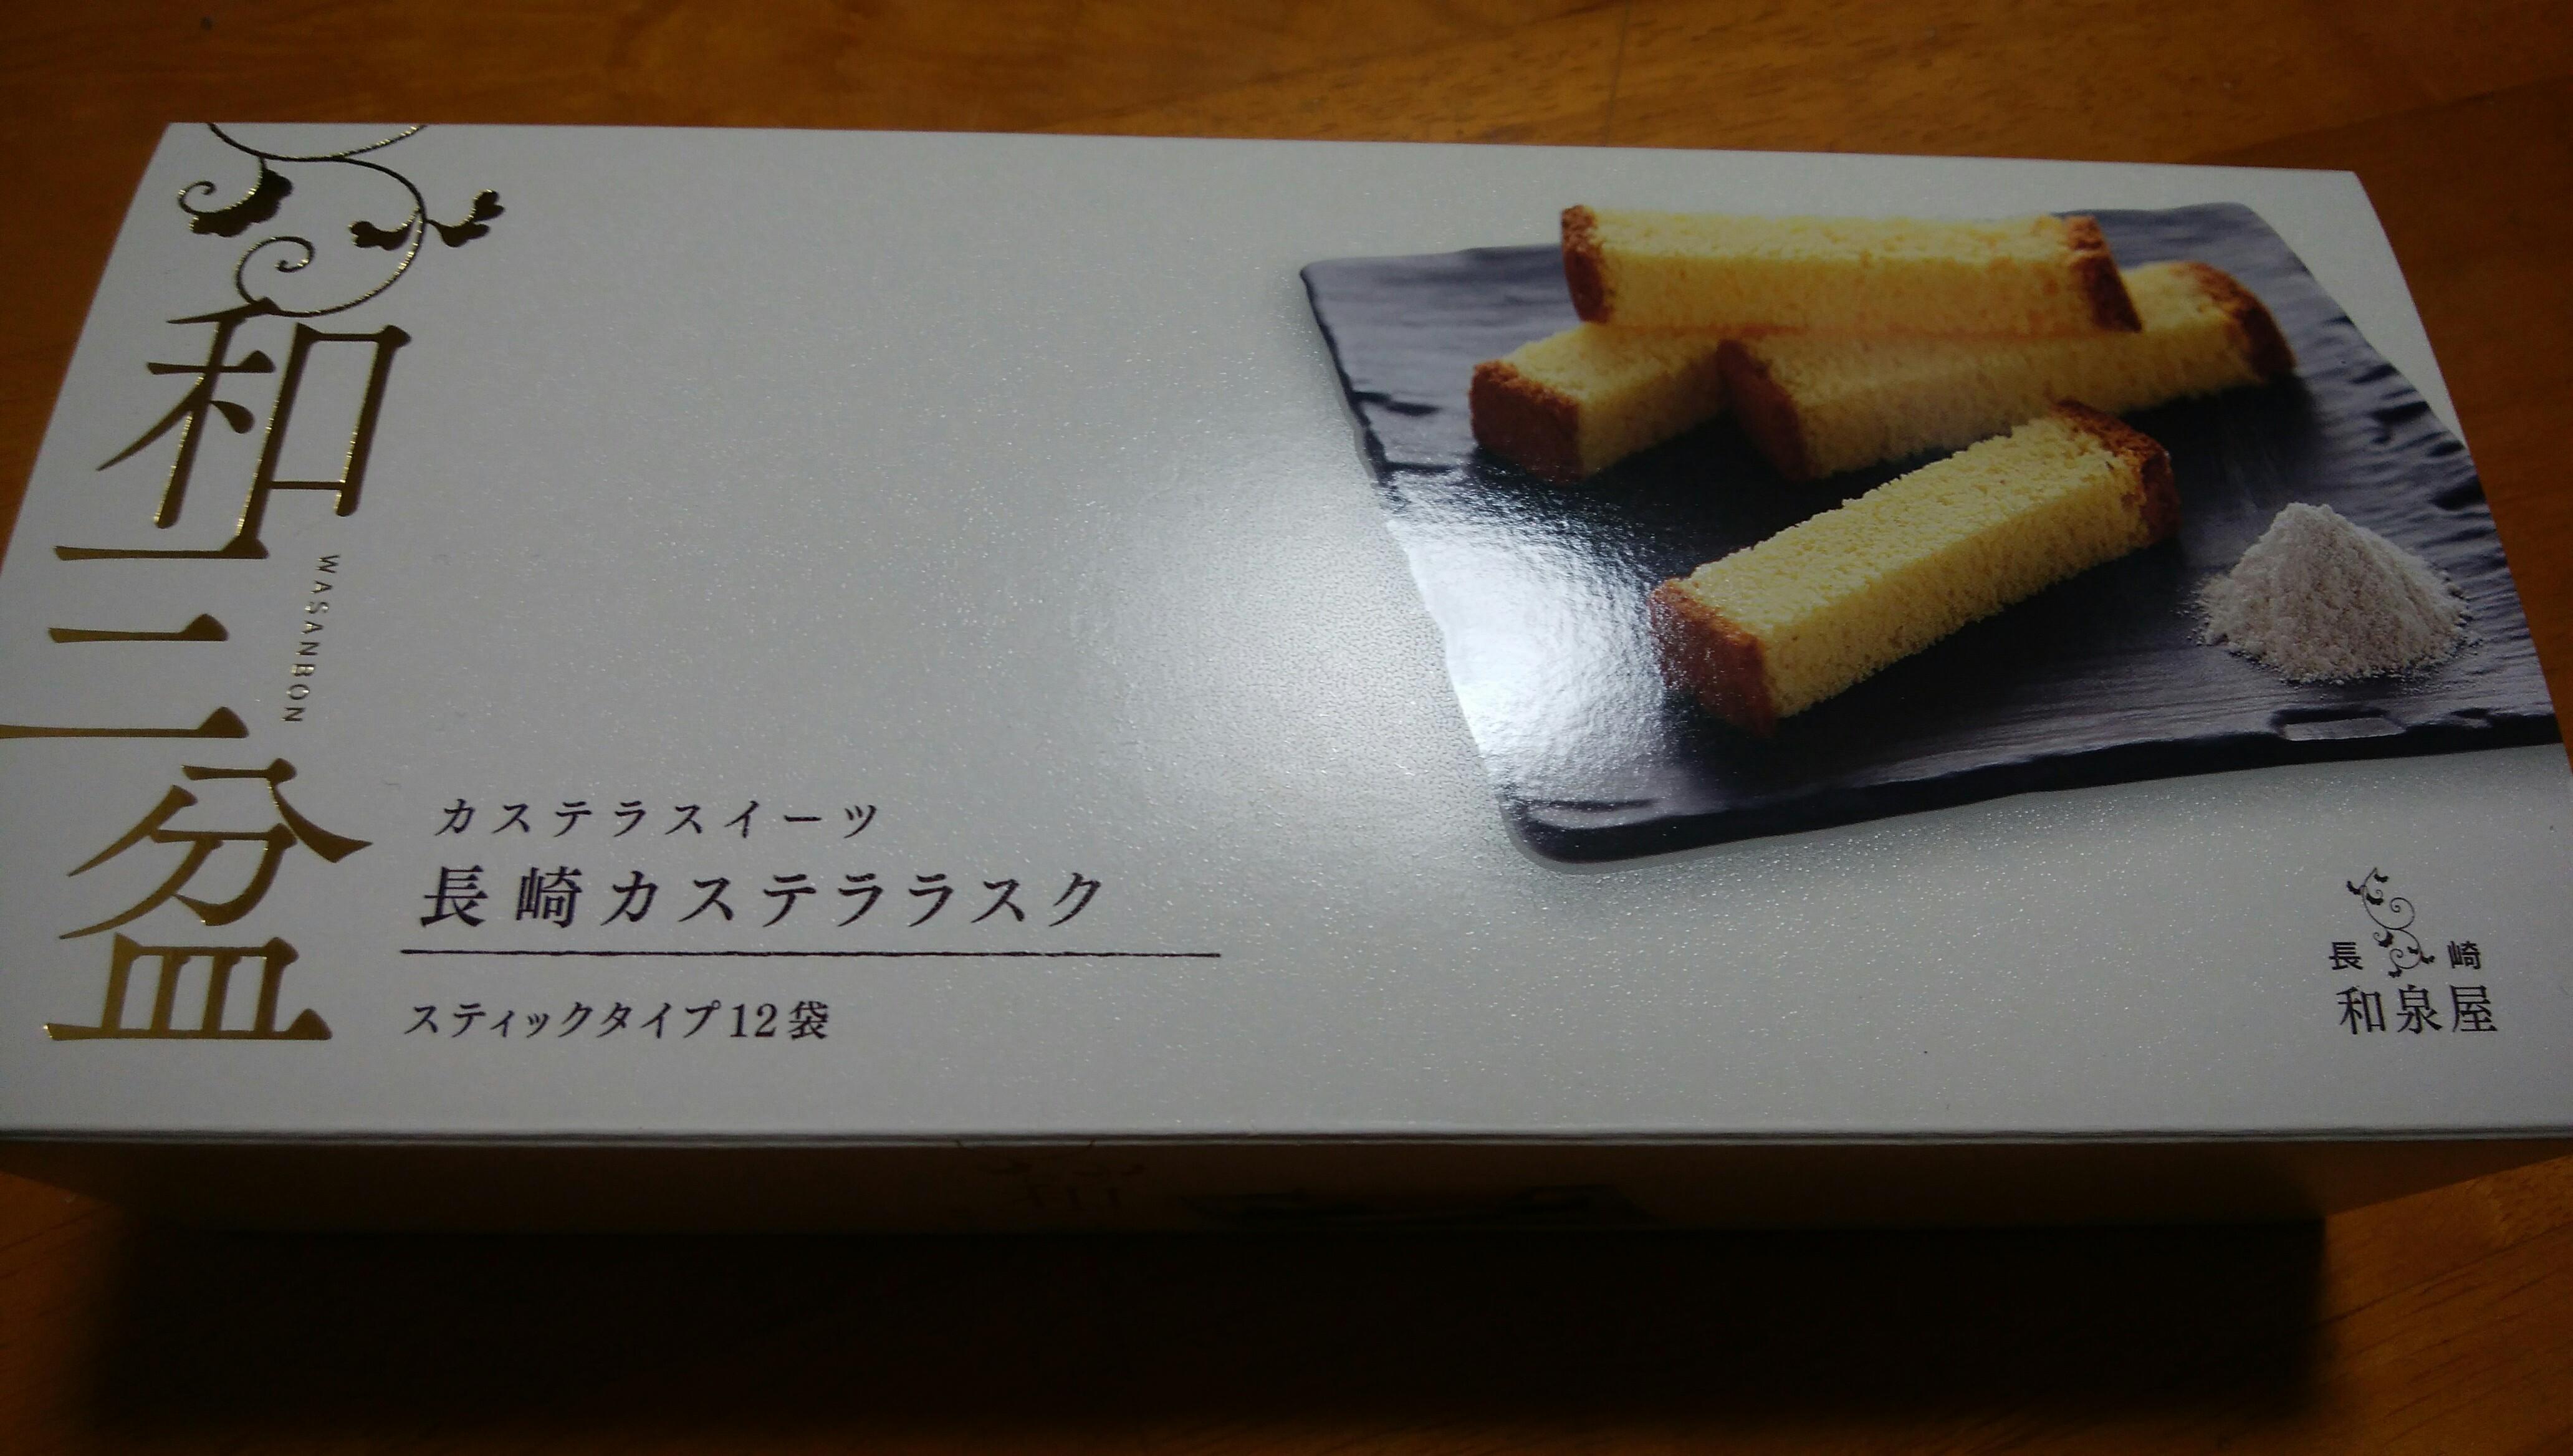 20171001011705871.jpg